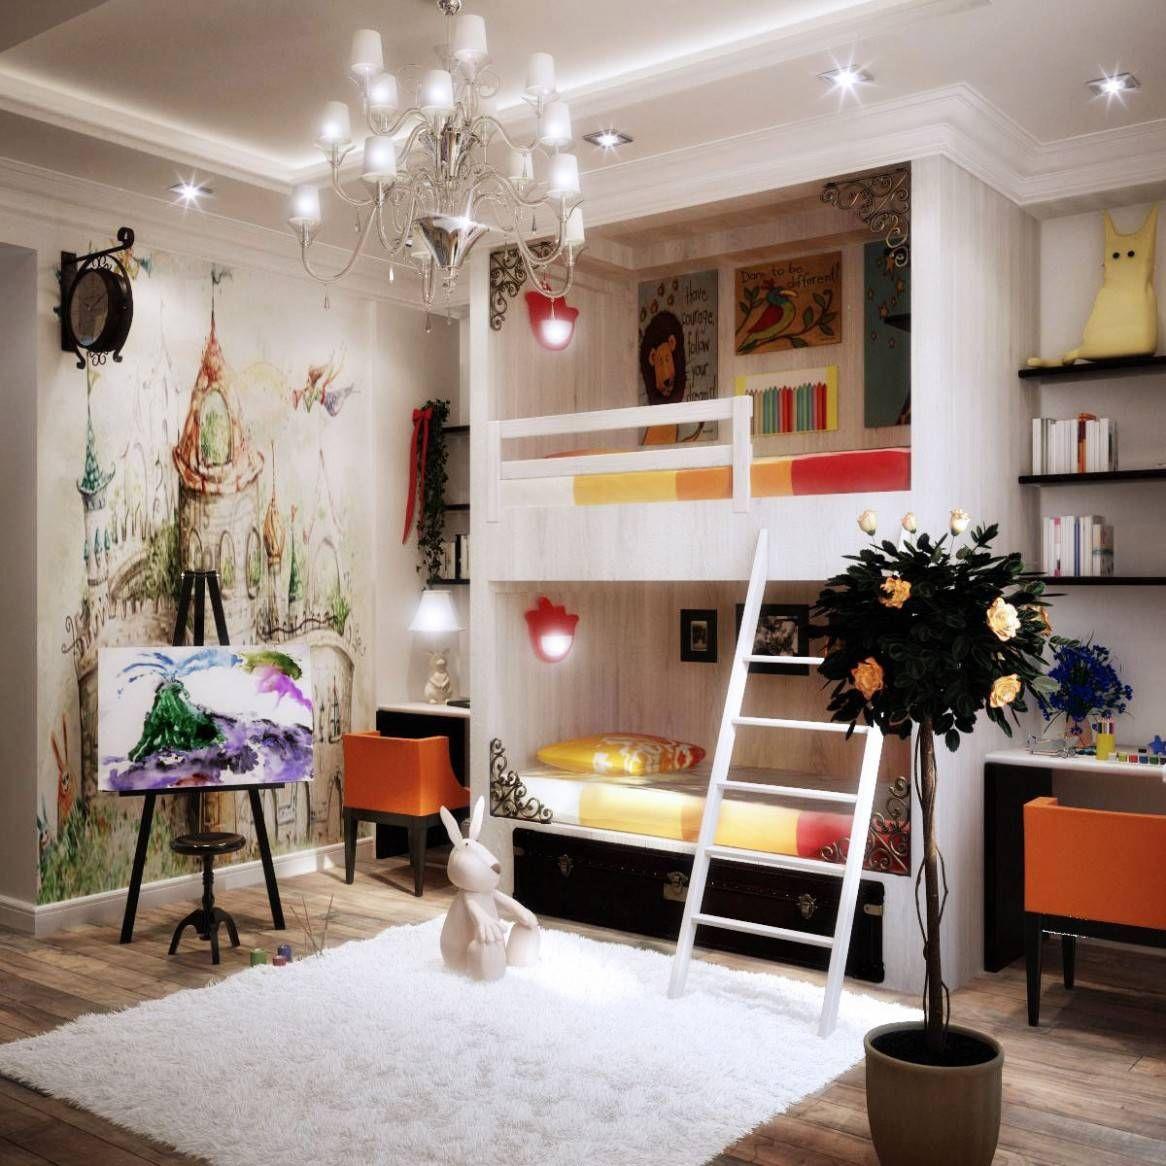 Loft bed ideas girls  Luxury White Kids Girls Room Design with Corner Loft Bed Furniture